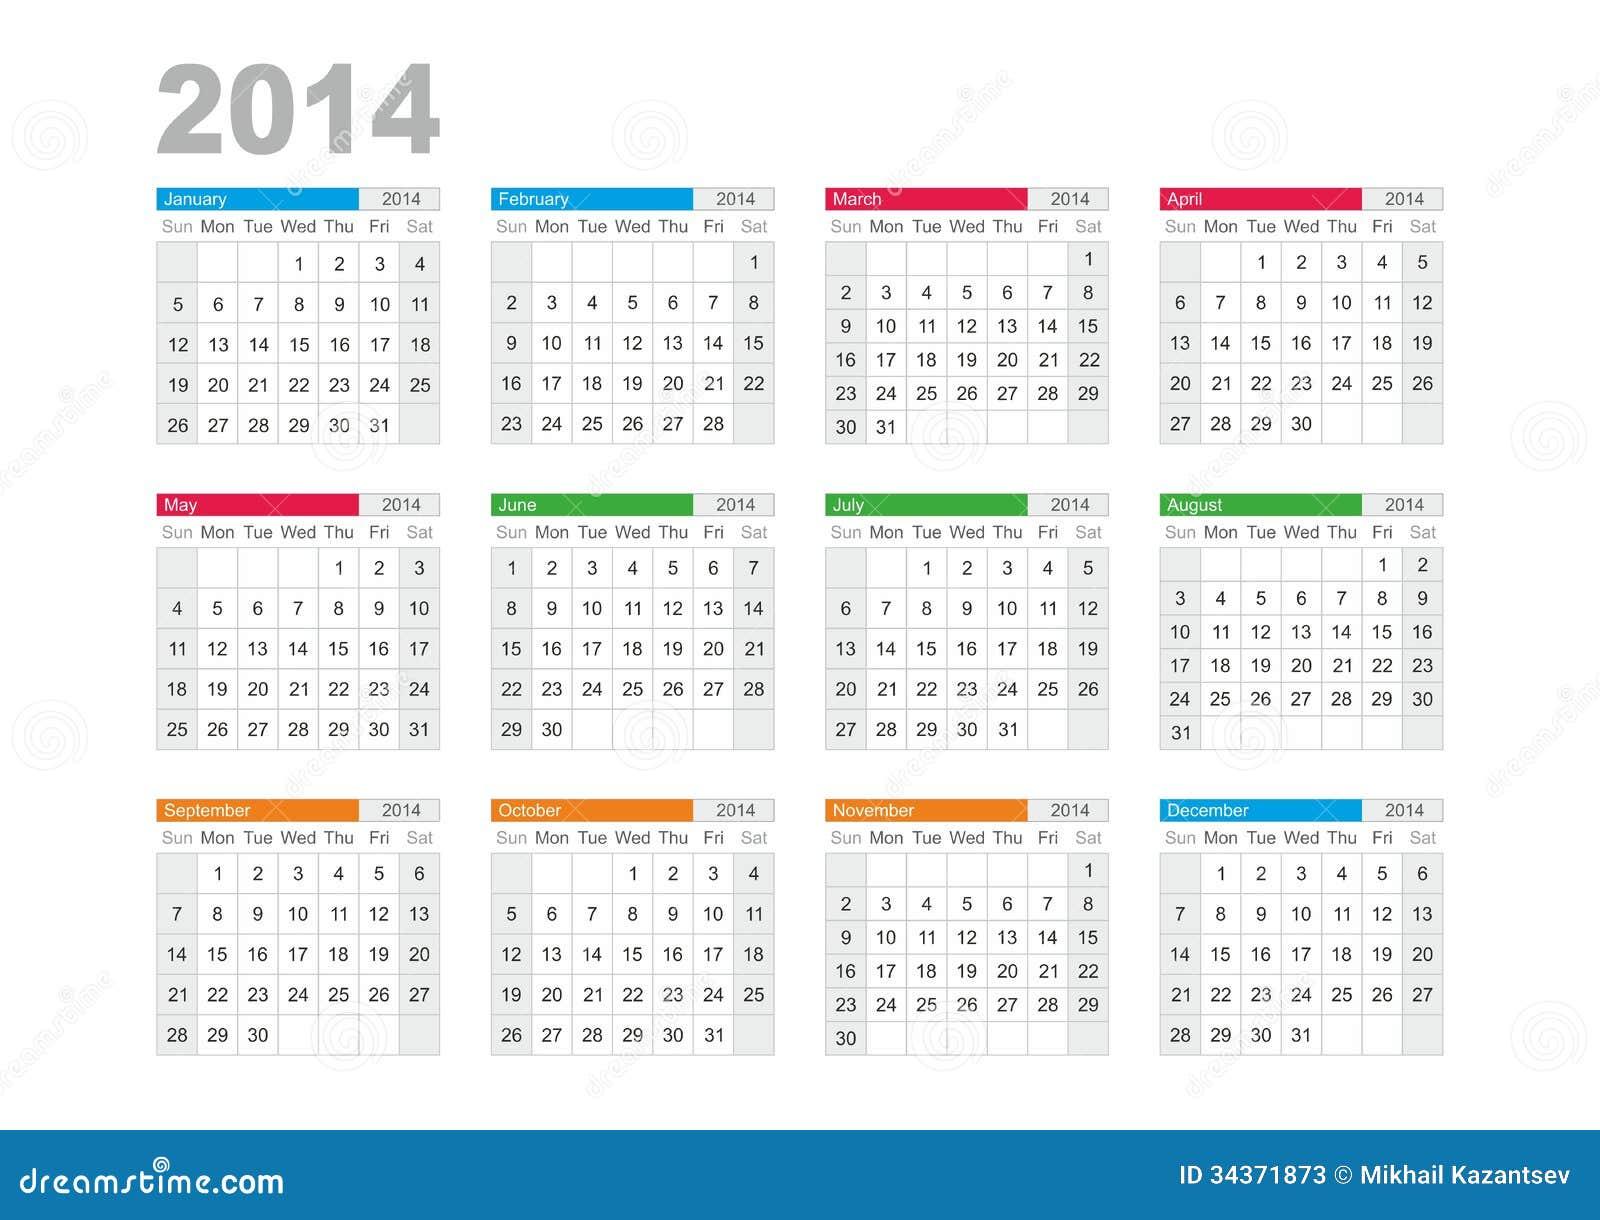 Calendario 2014 Fotos de archivo - Imagen: 34371873